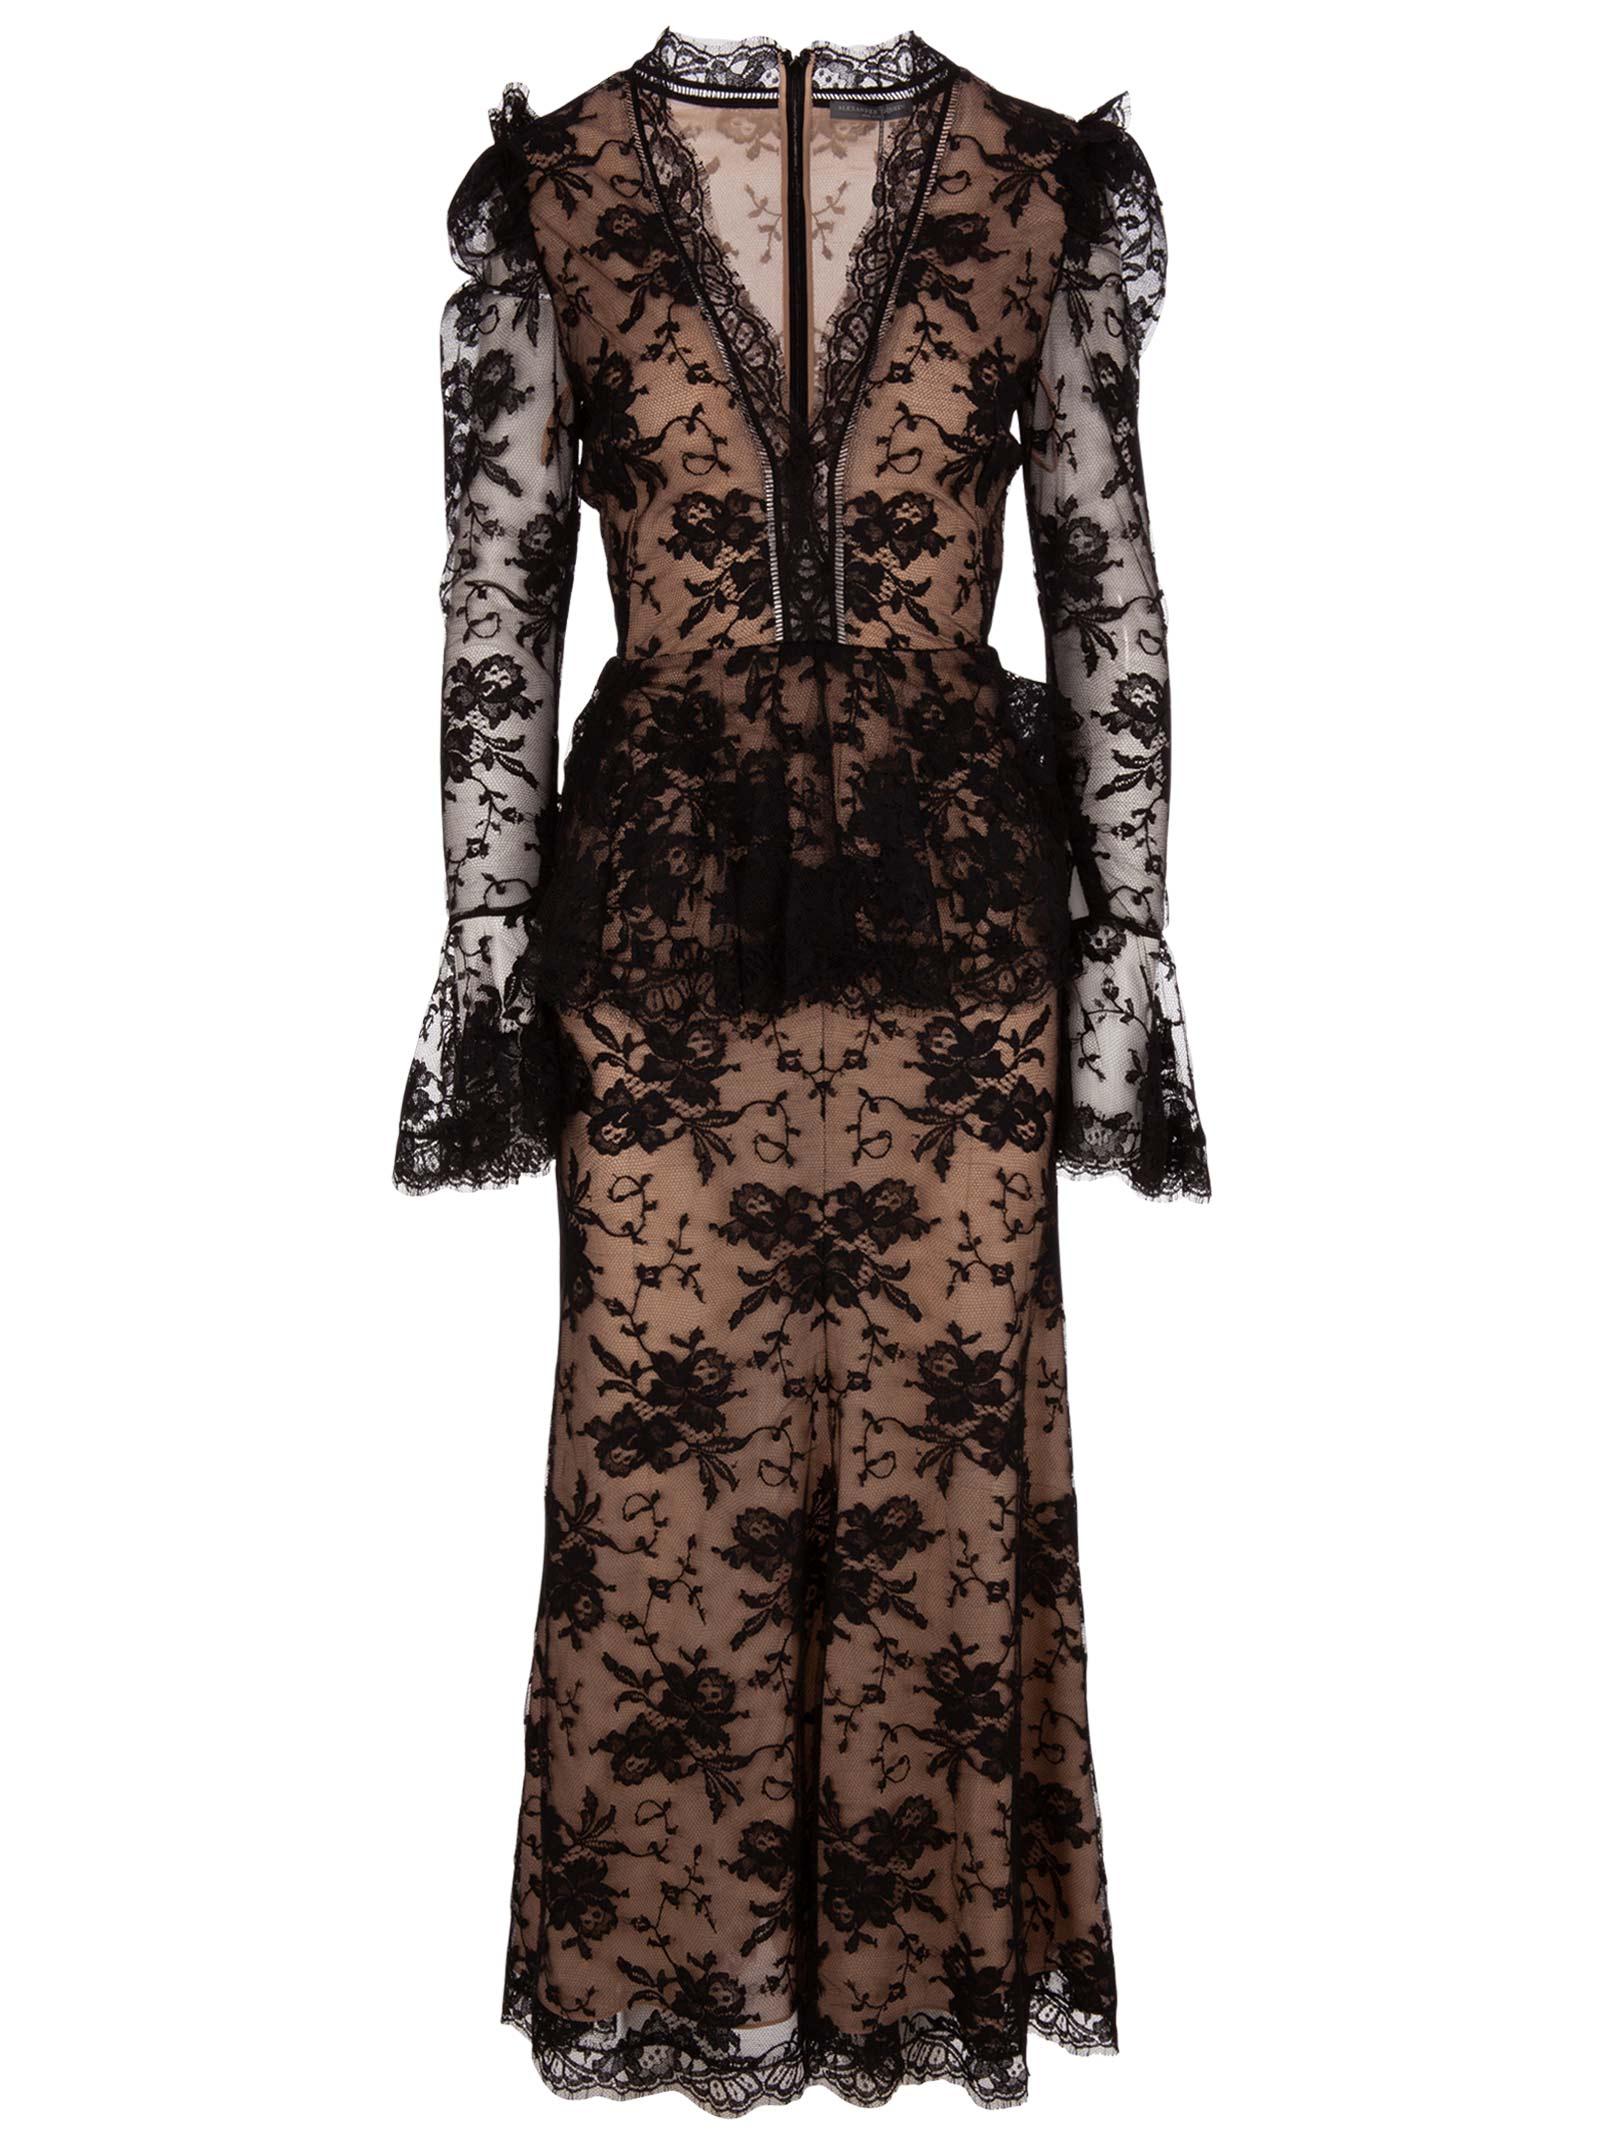 a2eb4ec8249 Michele Franzese Moda. 0. Alexander McQueen dress Alexander McQueen